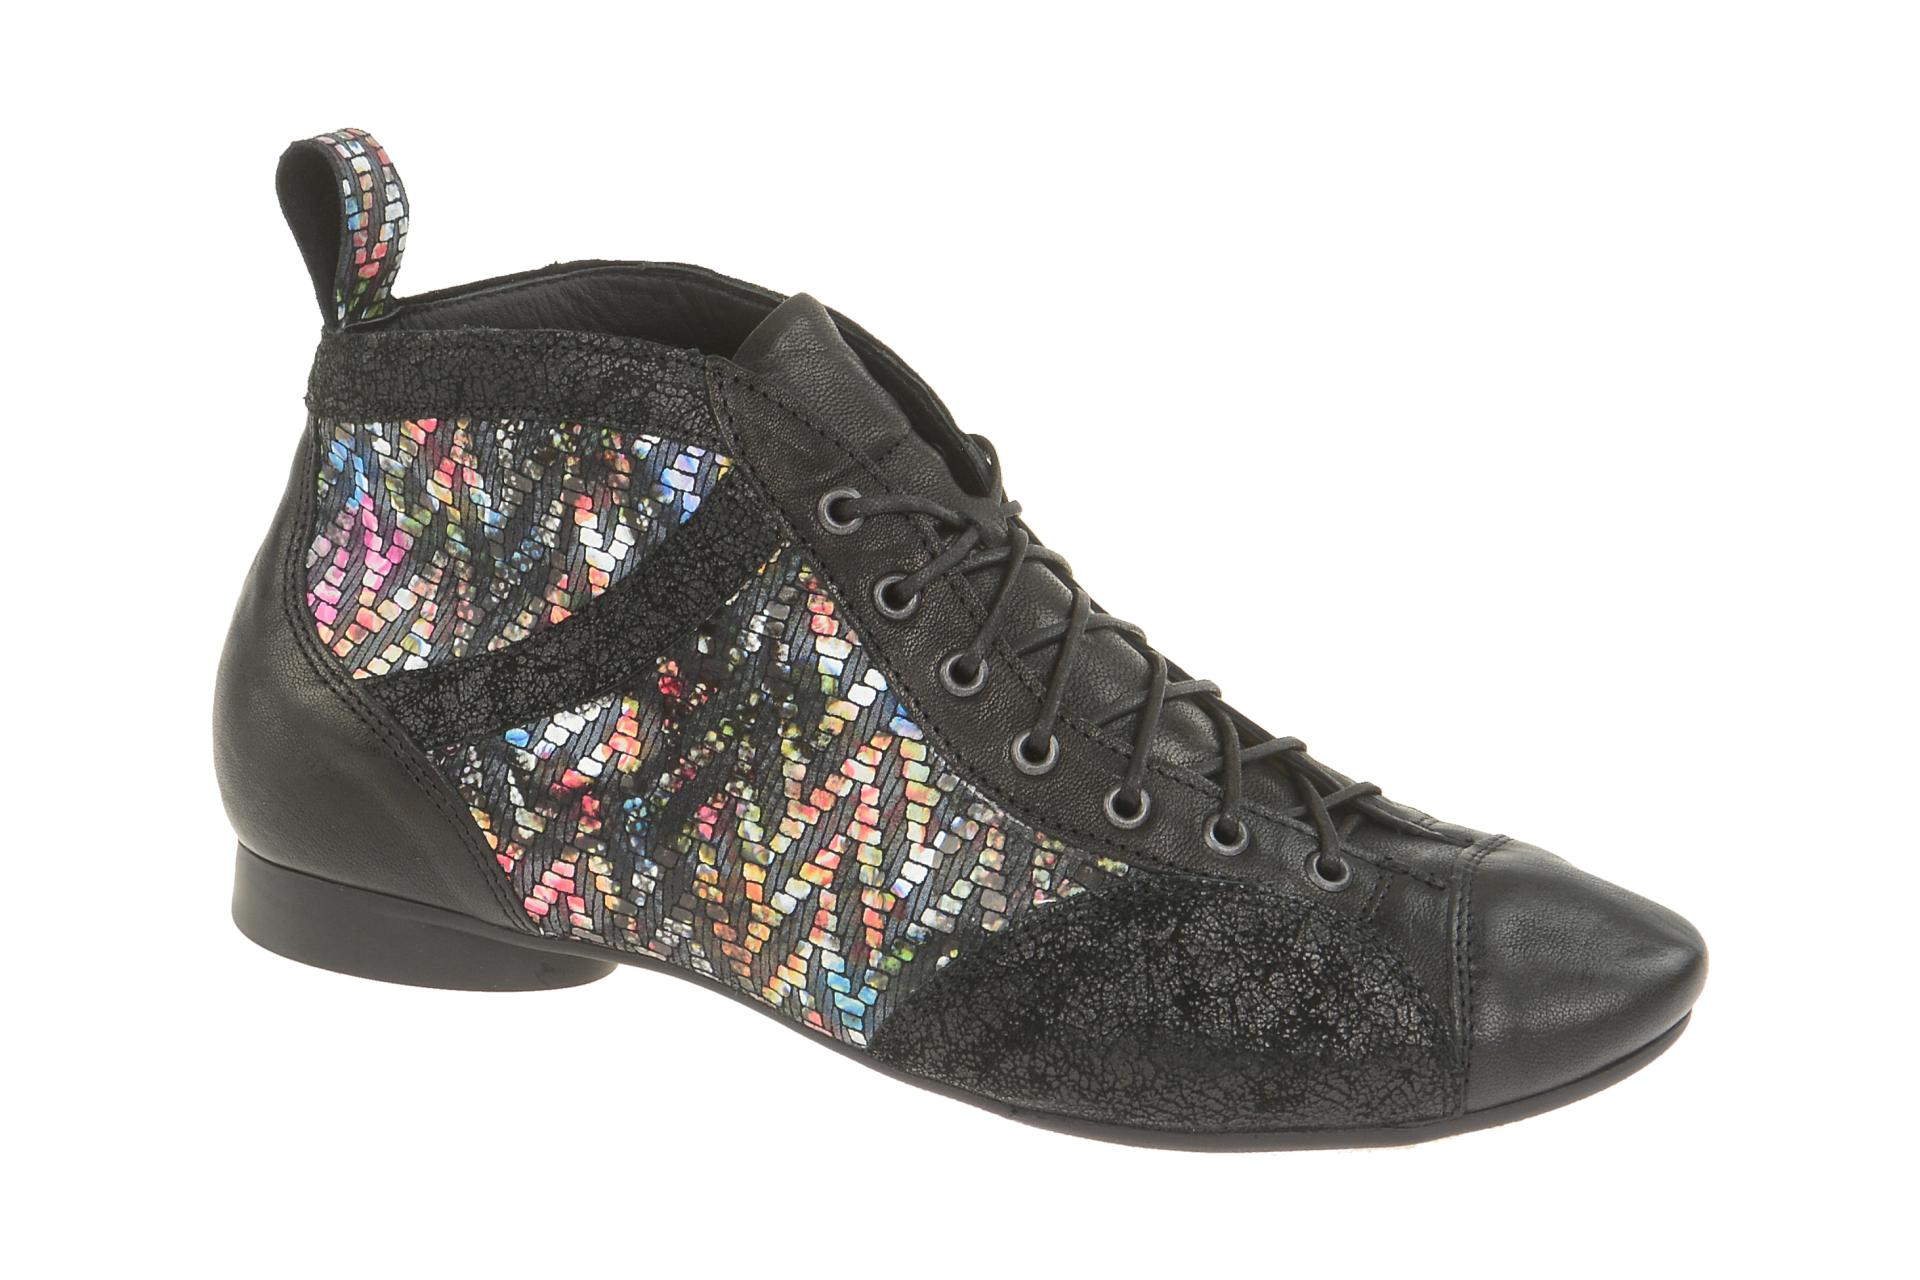 the latest 14767 fb8e4 Details zu Think Schuhe GUAD schwarz Damen Stiefeletten elegante  Stiefelette 7-87732-03 NEU